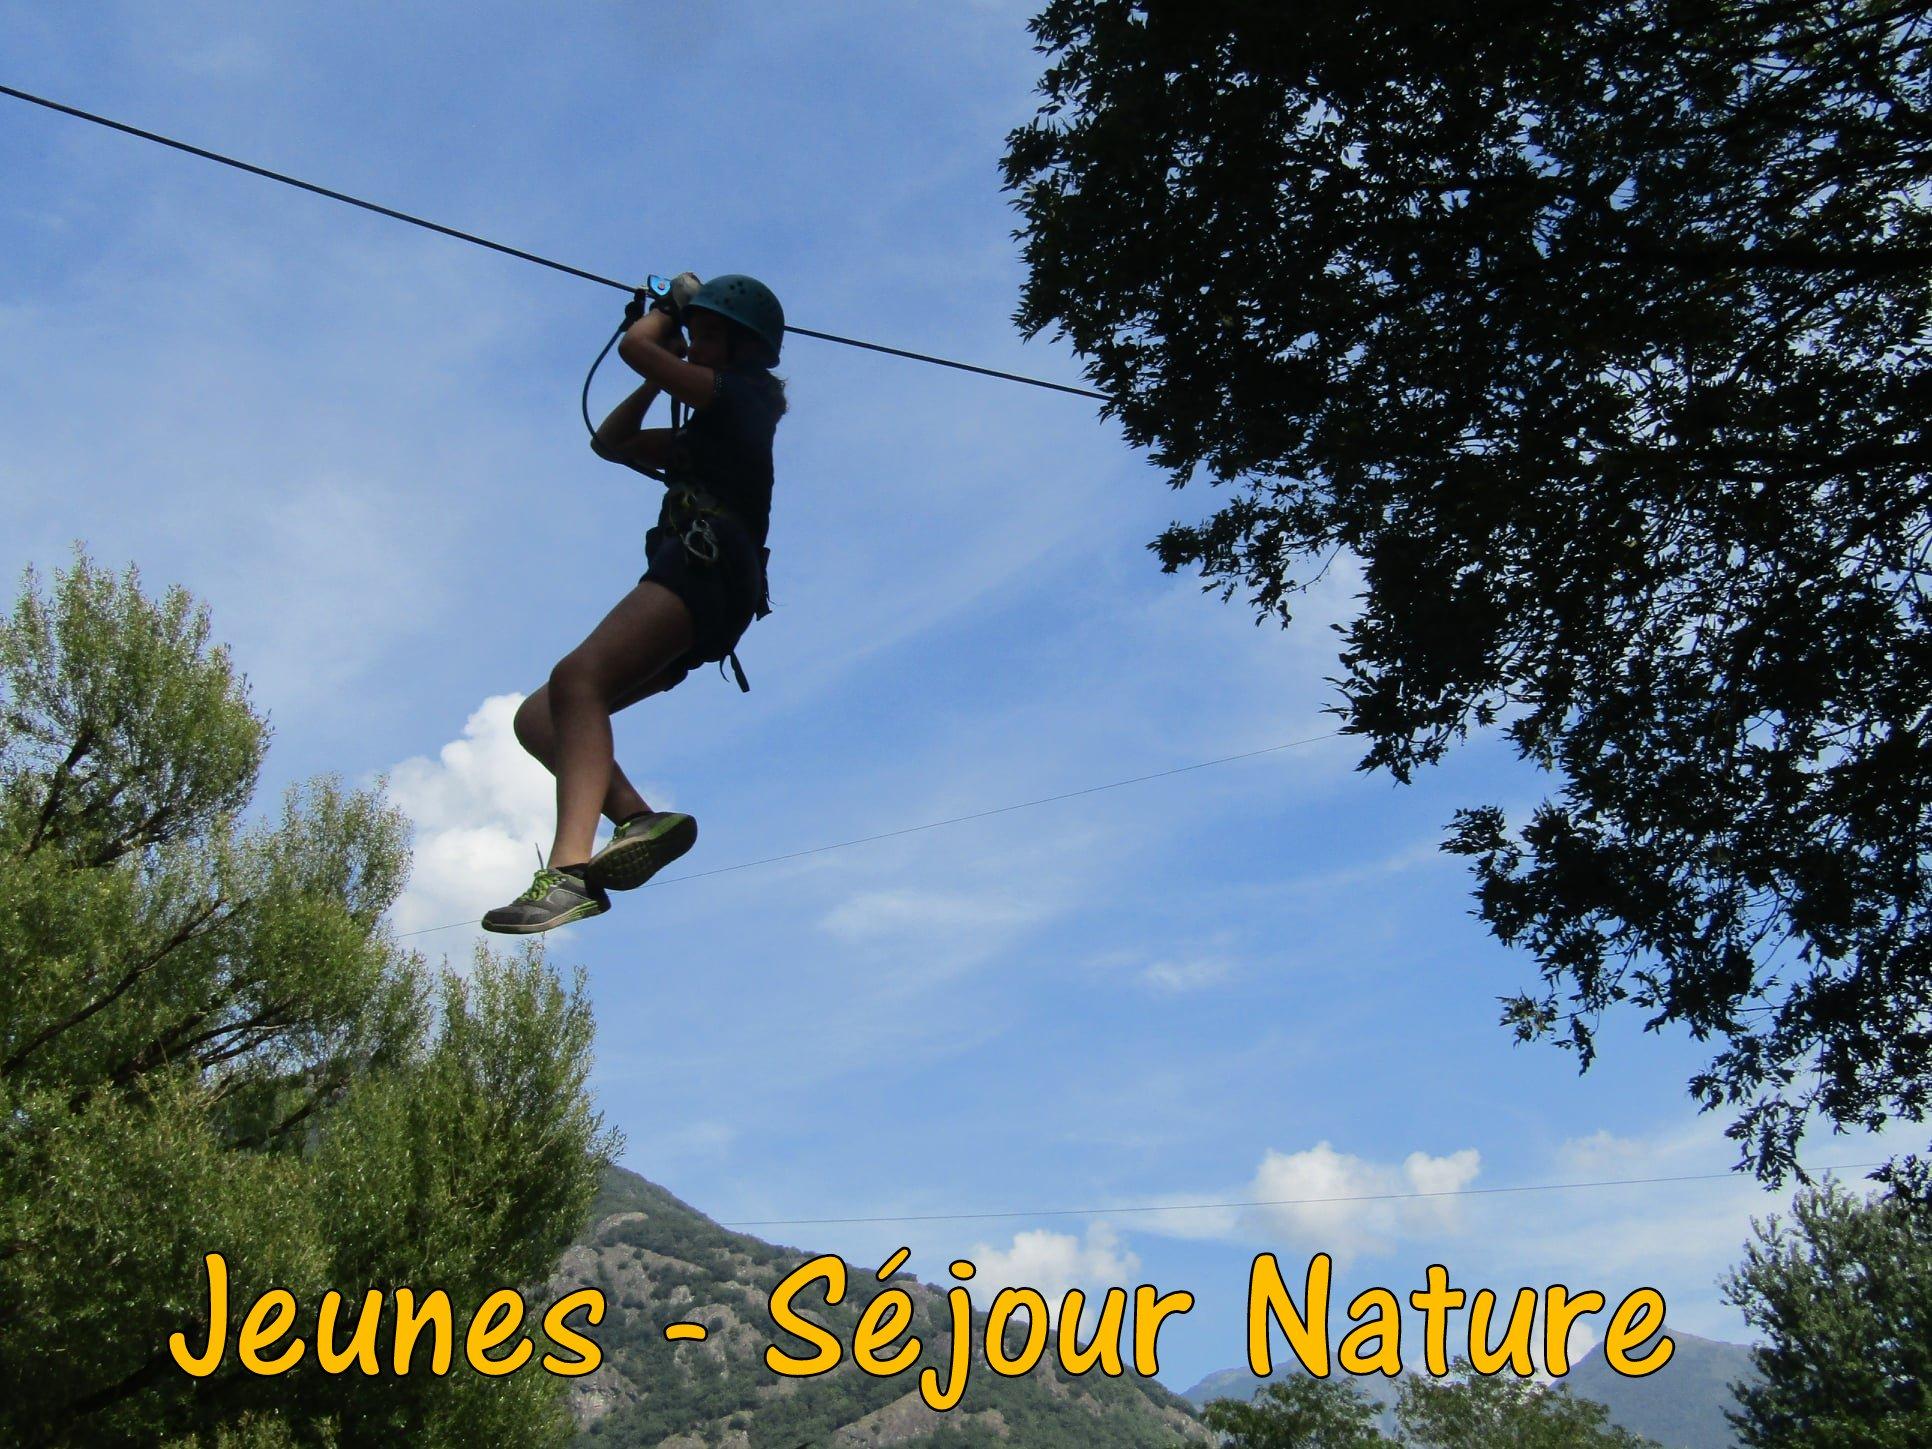 sejour-Nature-1